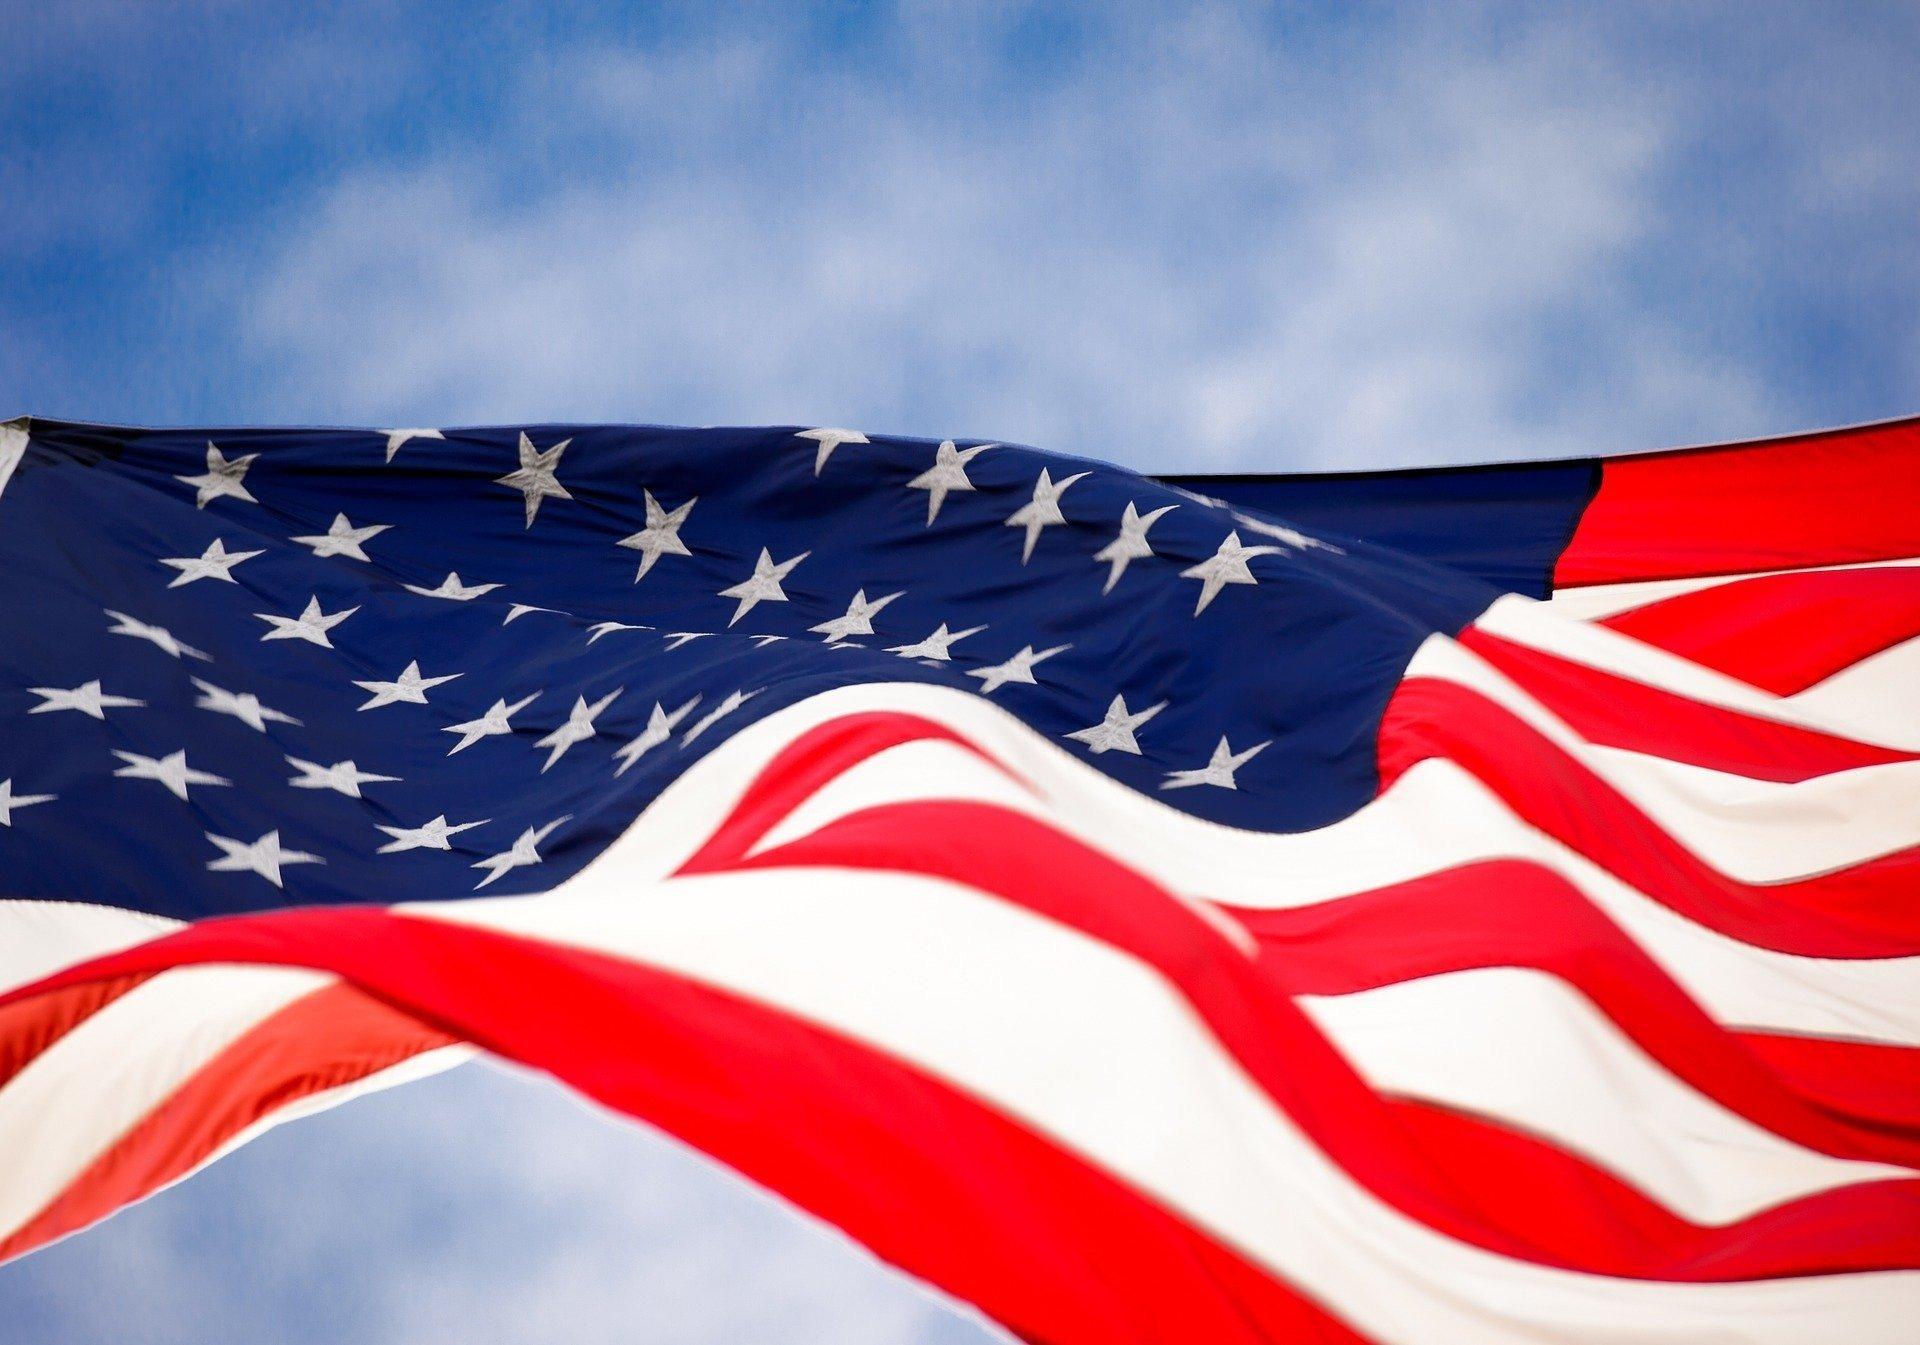 Иностранные студенты в США находятся в подвешенном состоянии